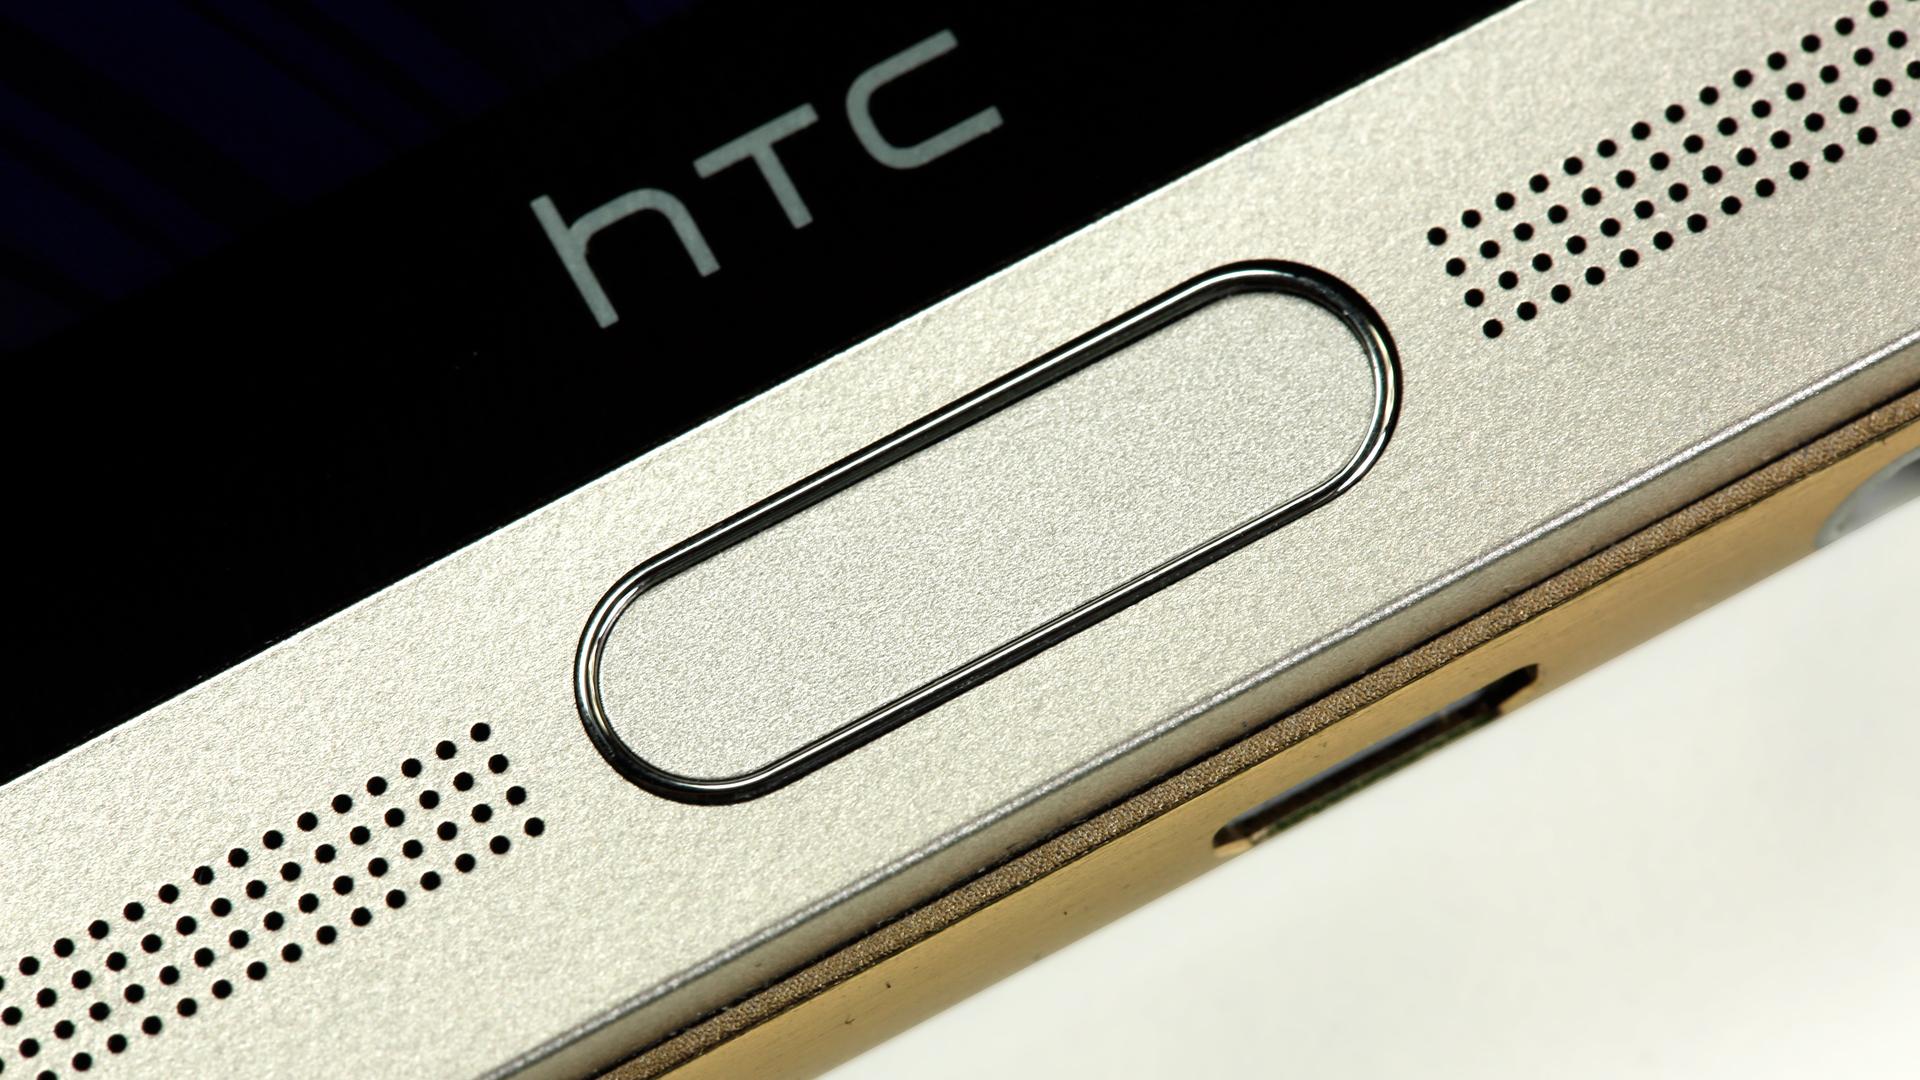 В Сети появились новые фото A9 от HTC — точной копии iPhone 6